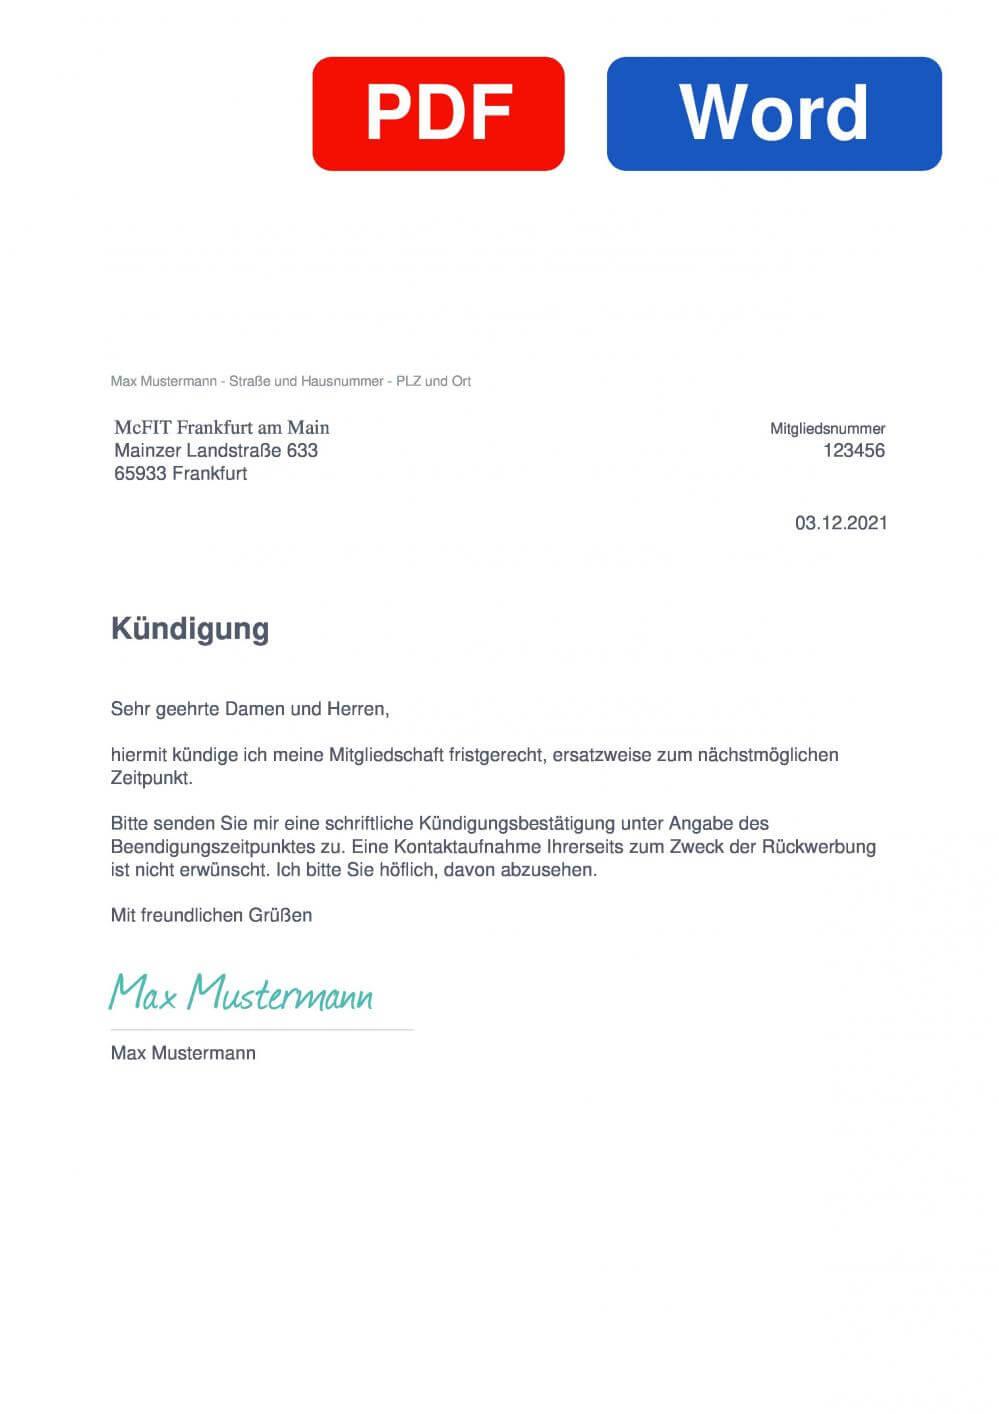 McFIT Frankfurt am Main Muster Vorlage für Kündigungsschreiben